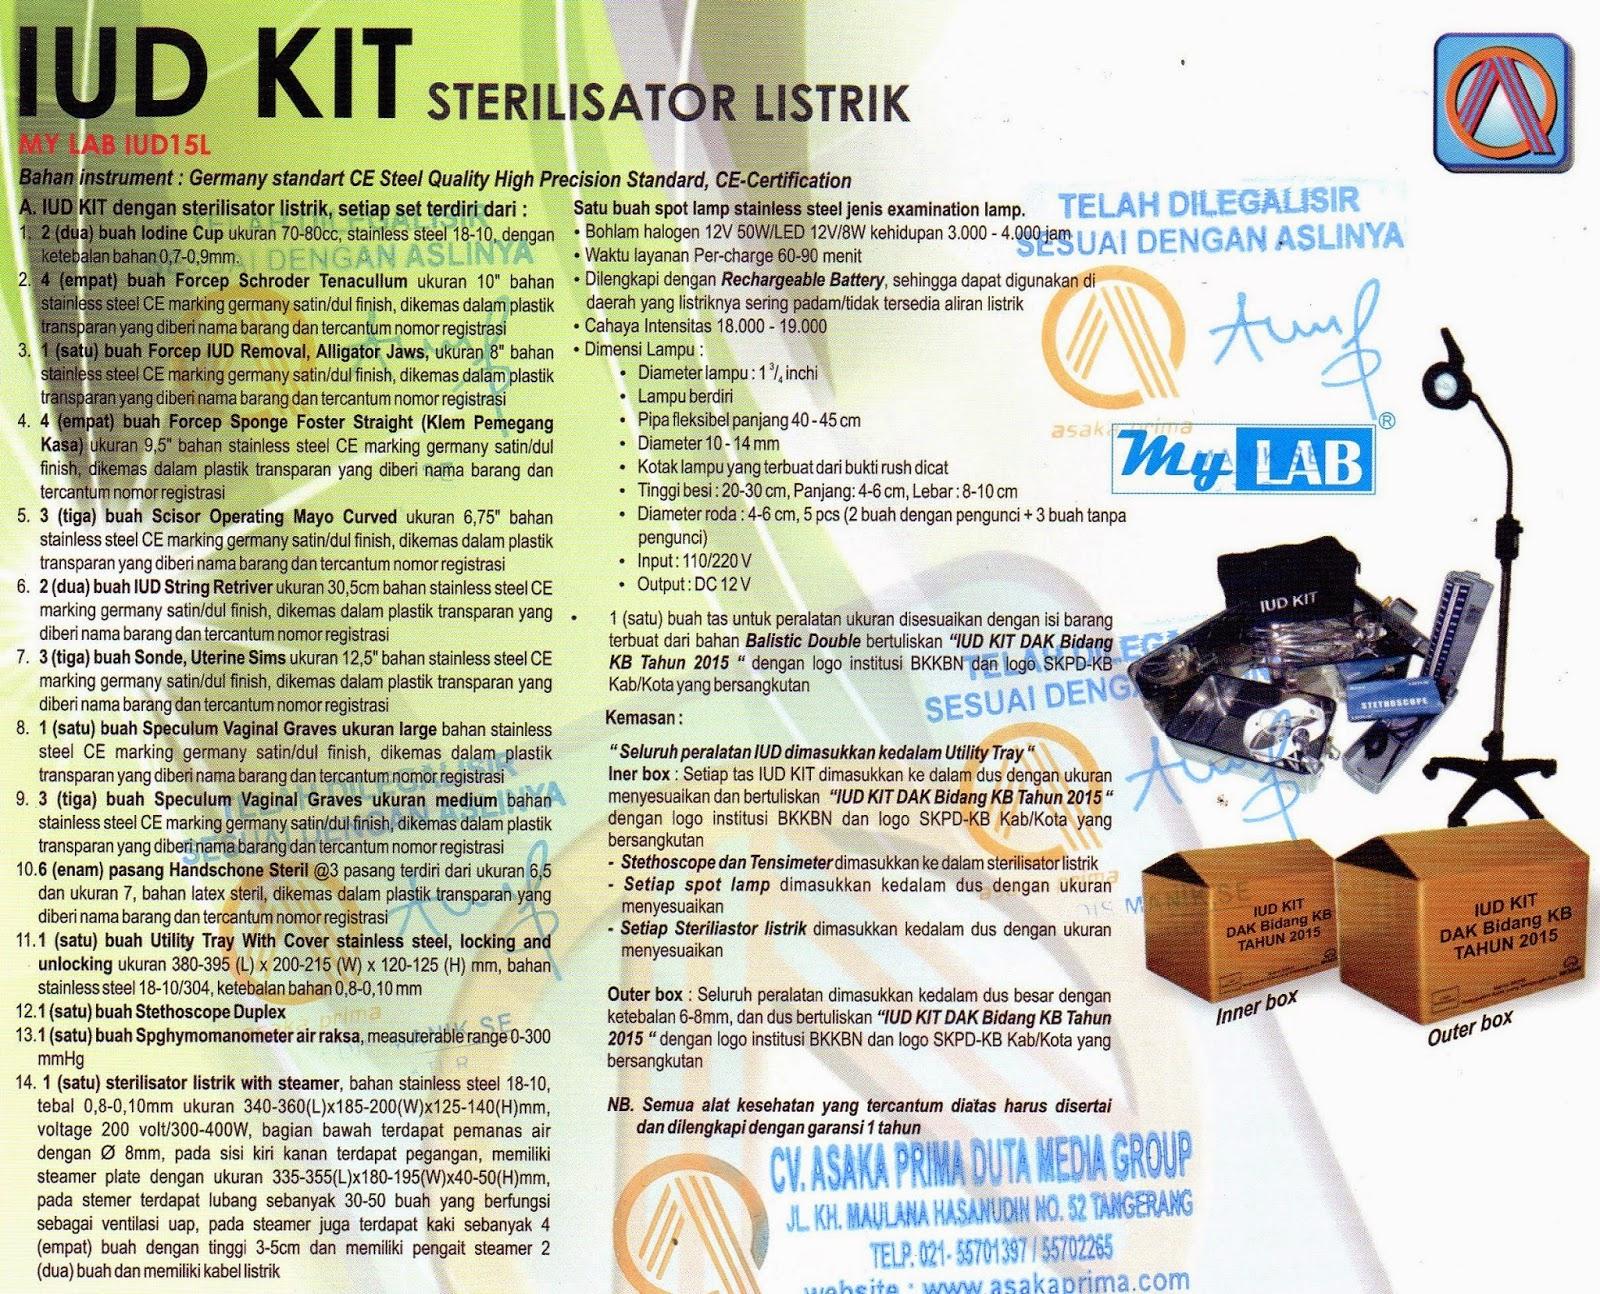 IUD Kit dengan Sterilisator Listrik  IUD KIT BKKbN